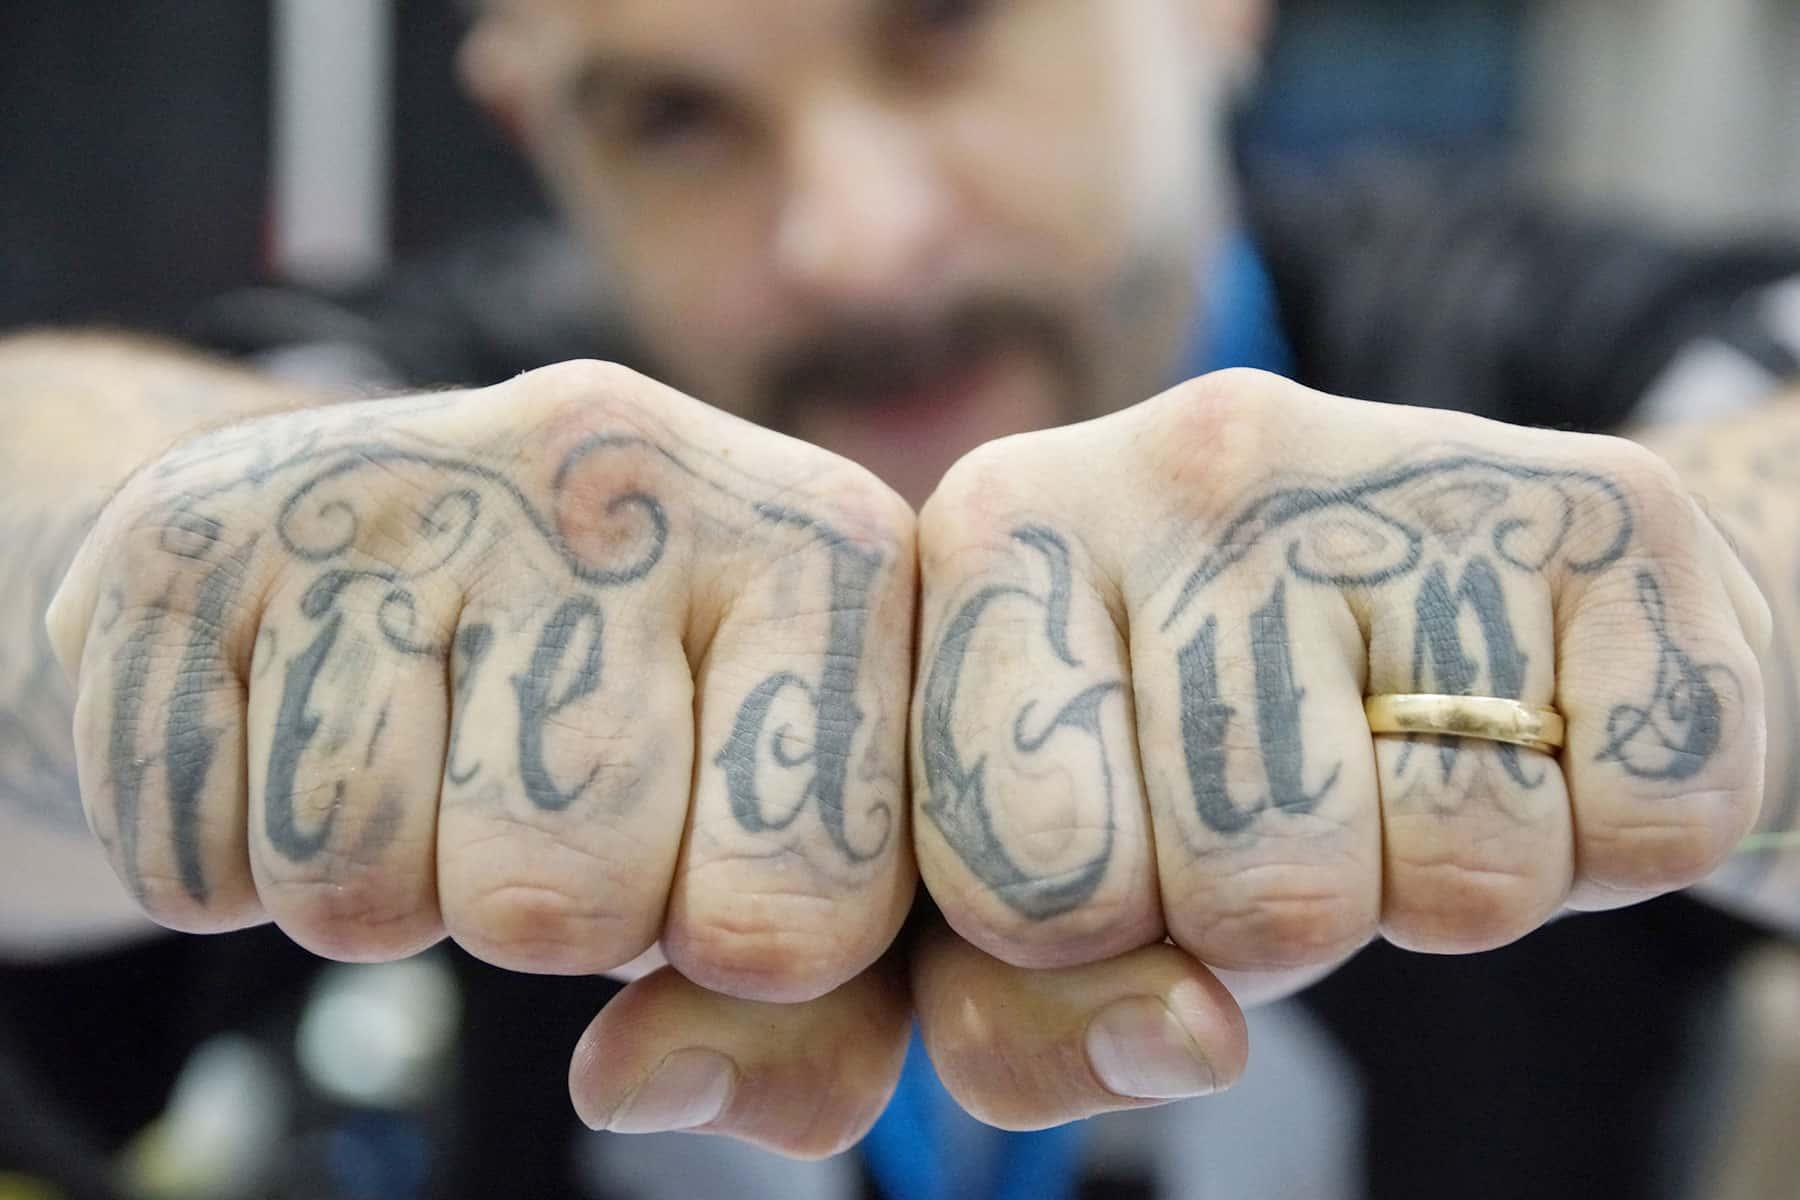 01_091517_tattooarts_0420